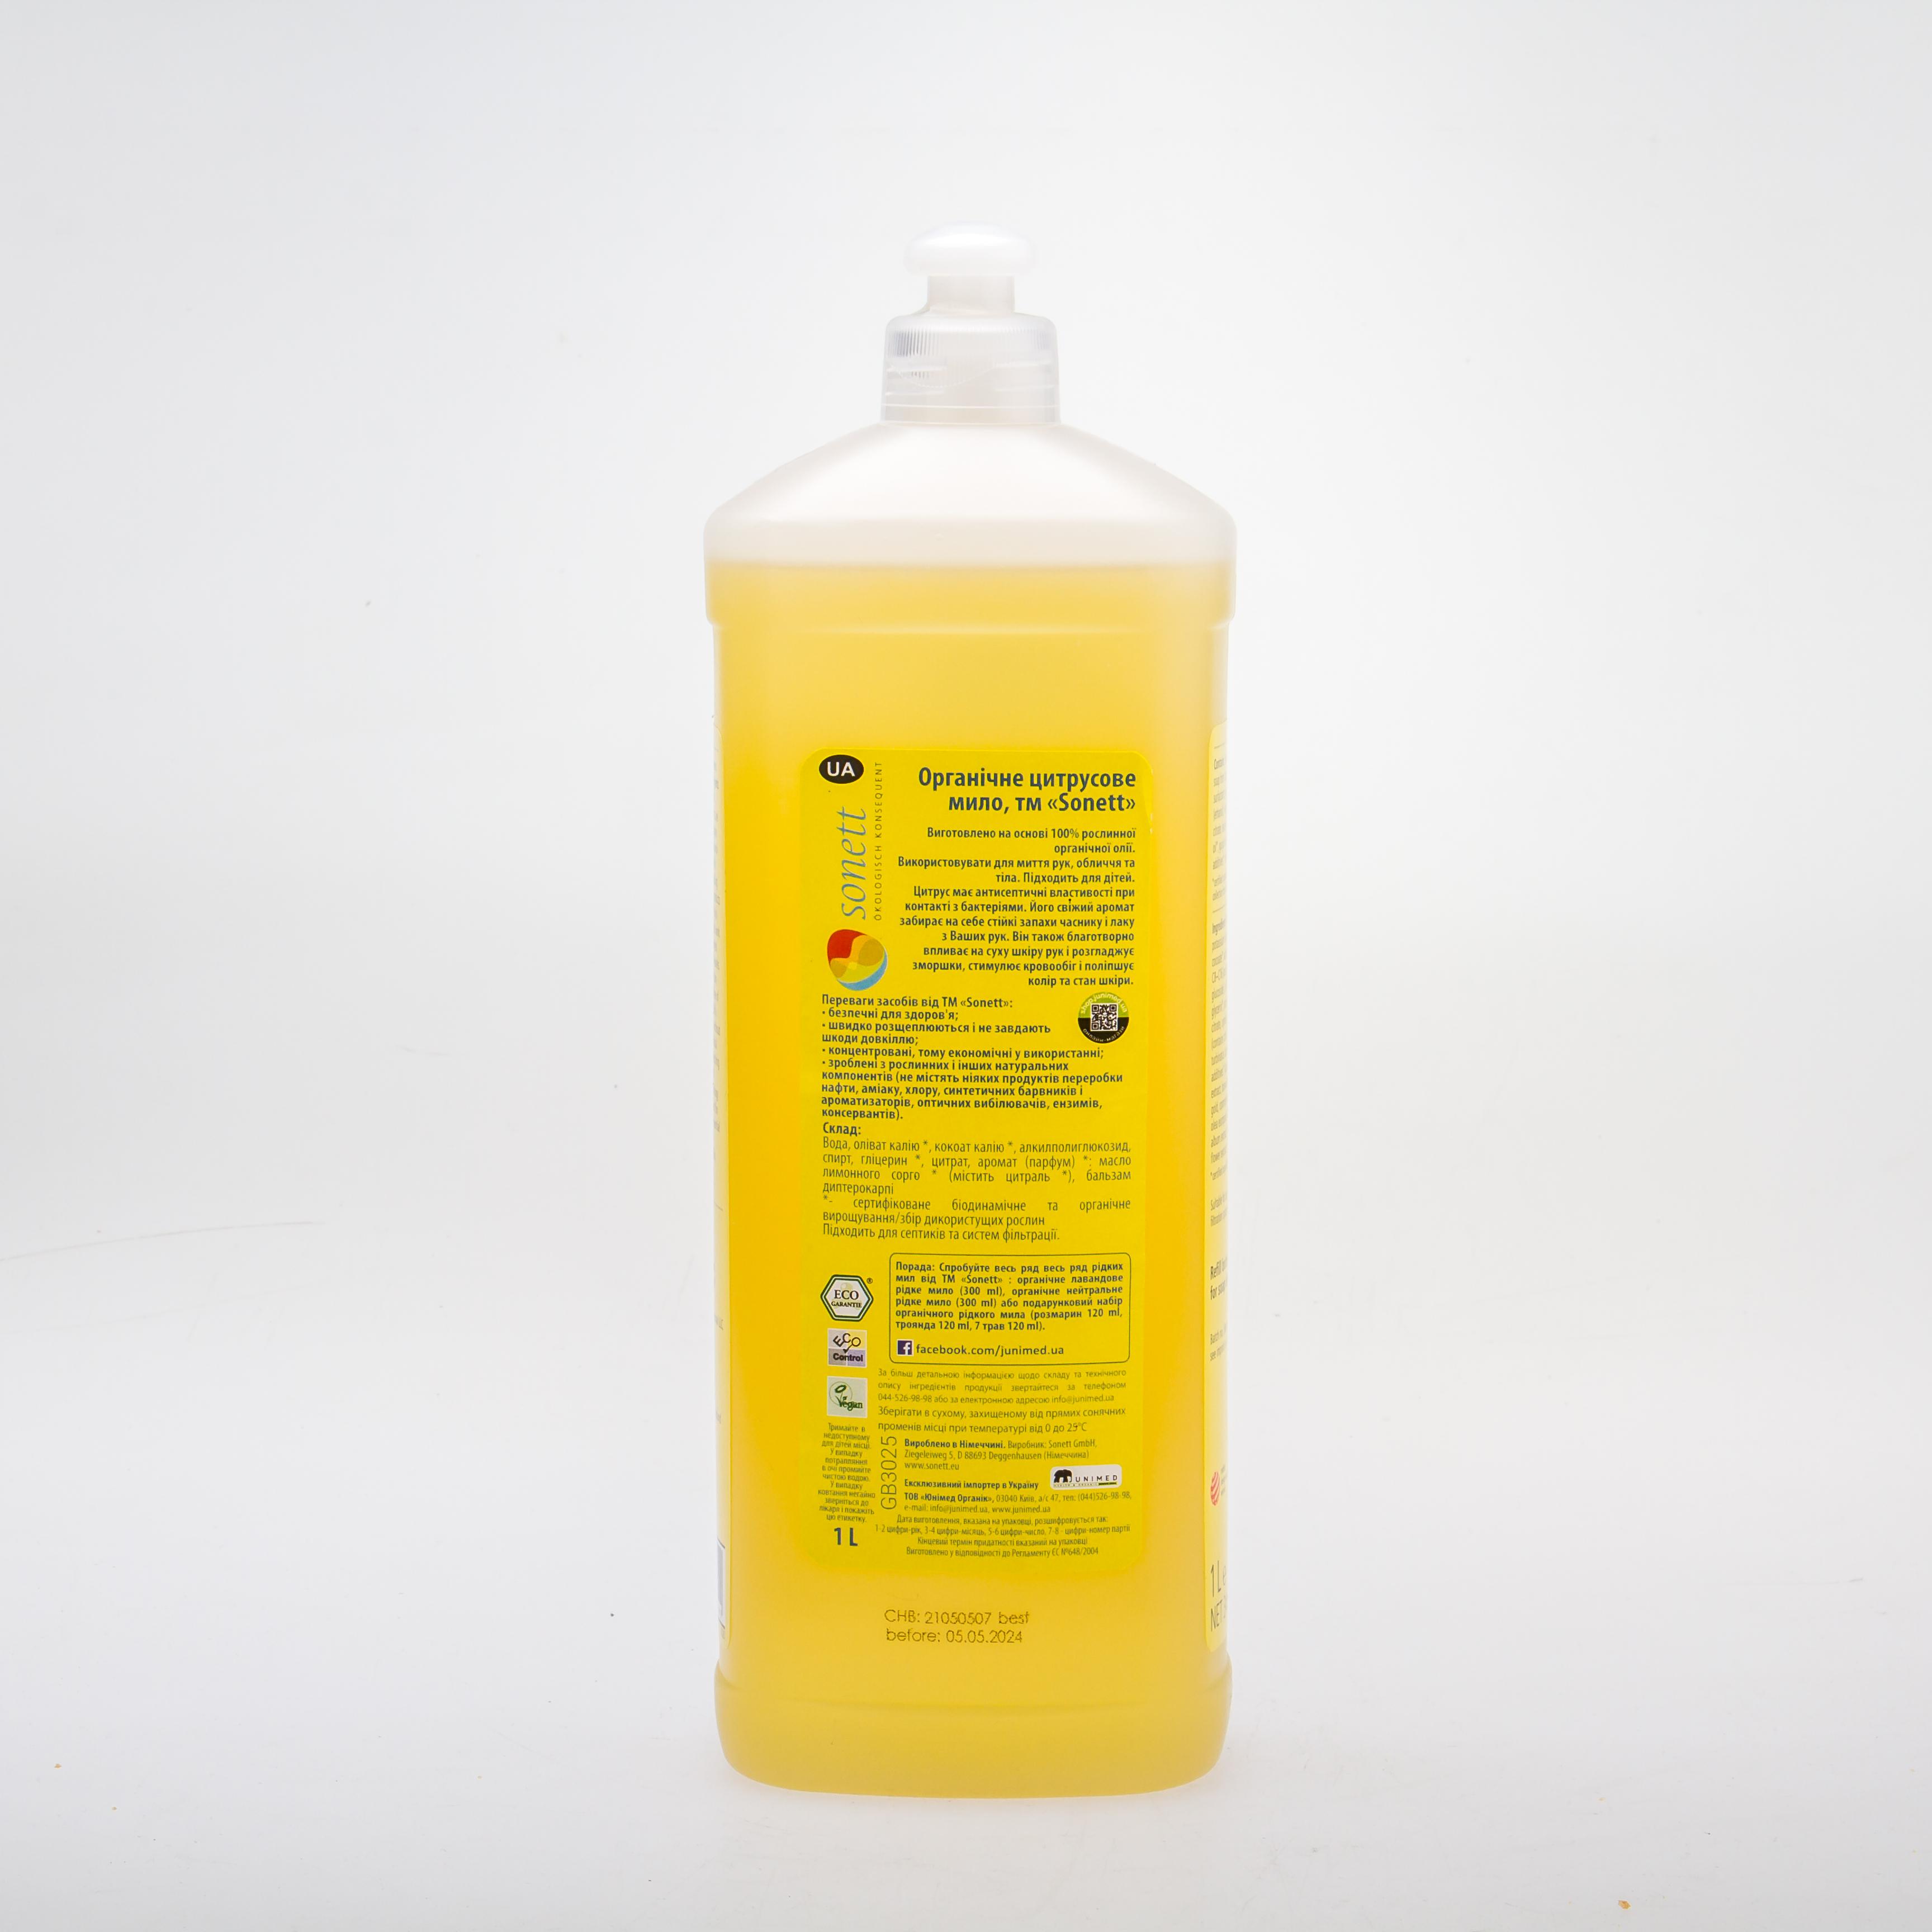 Sonett органічне рідке мило цитрус, 1000 мл - купити в інтернет-магазині Юнимед